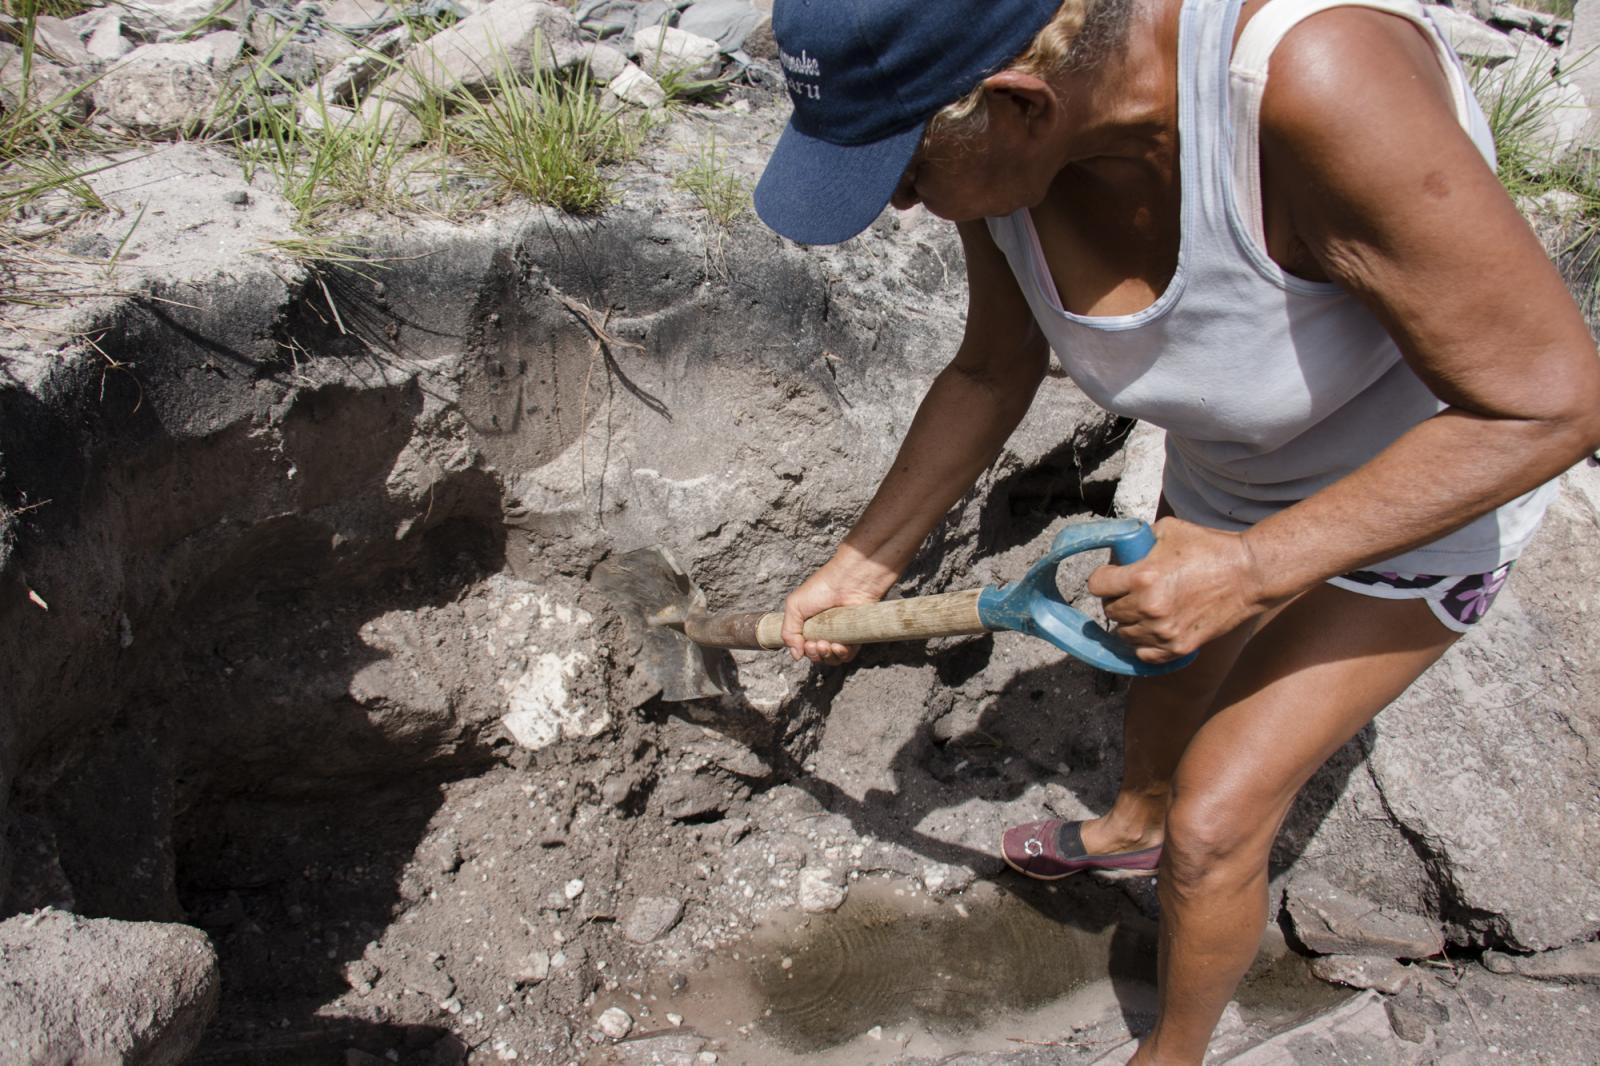 Luisa Girón, una minera de 62 años, busca oro en una veta en Ikabarú, estado Bolívar, el 4 de junio de 2016. Luisa estudió y vivió en Caracas por muchos años, pero regresó a su pueblo natal y se dedicó a ser palera, nombre que se le da las mujeres dedicadas a la minería artesanal. Tiene dos hijas, una en Tenerife, España, y la otra en El Callao, un pueblo a 195 kilómetros. Luisa es de una familia de 14 hermanos en la que todos son mineros.